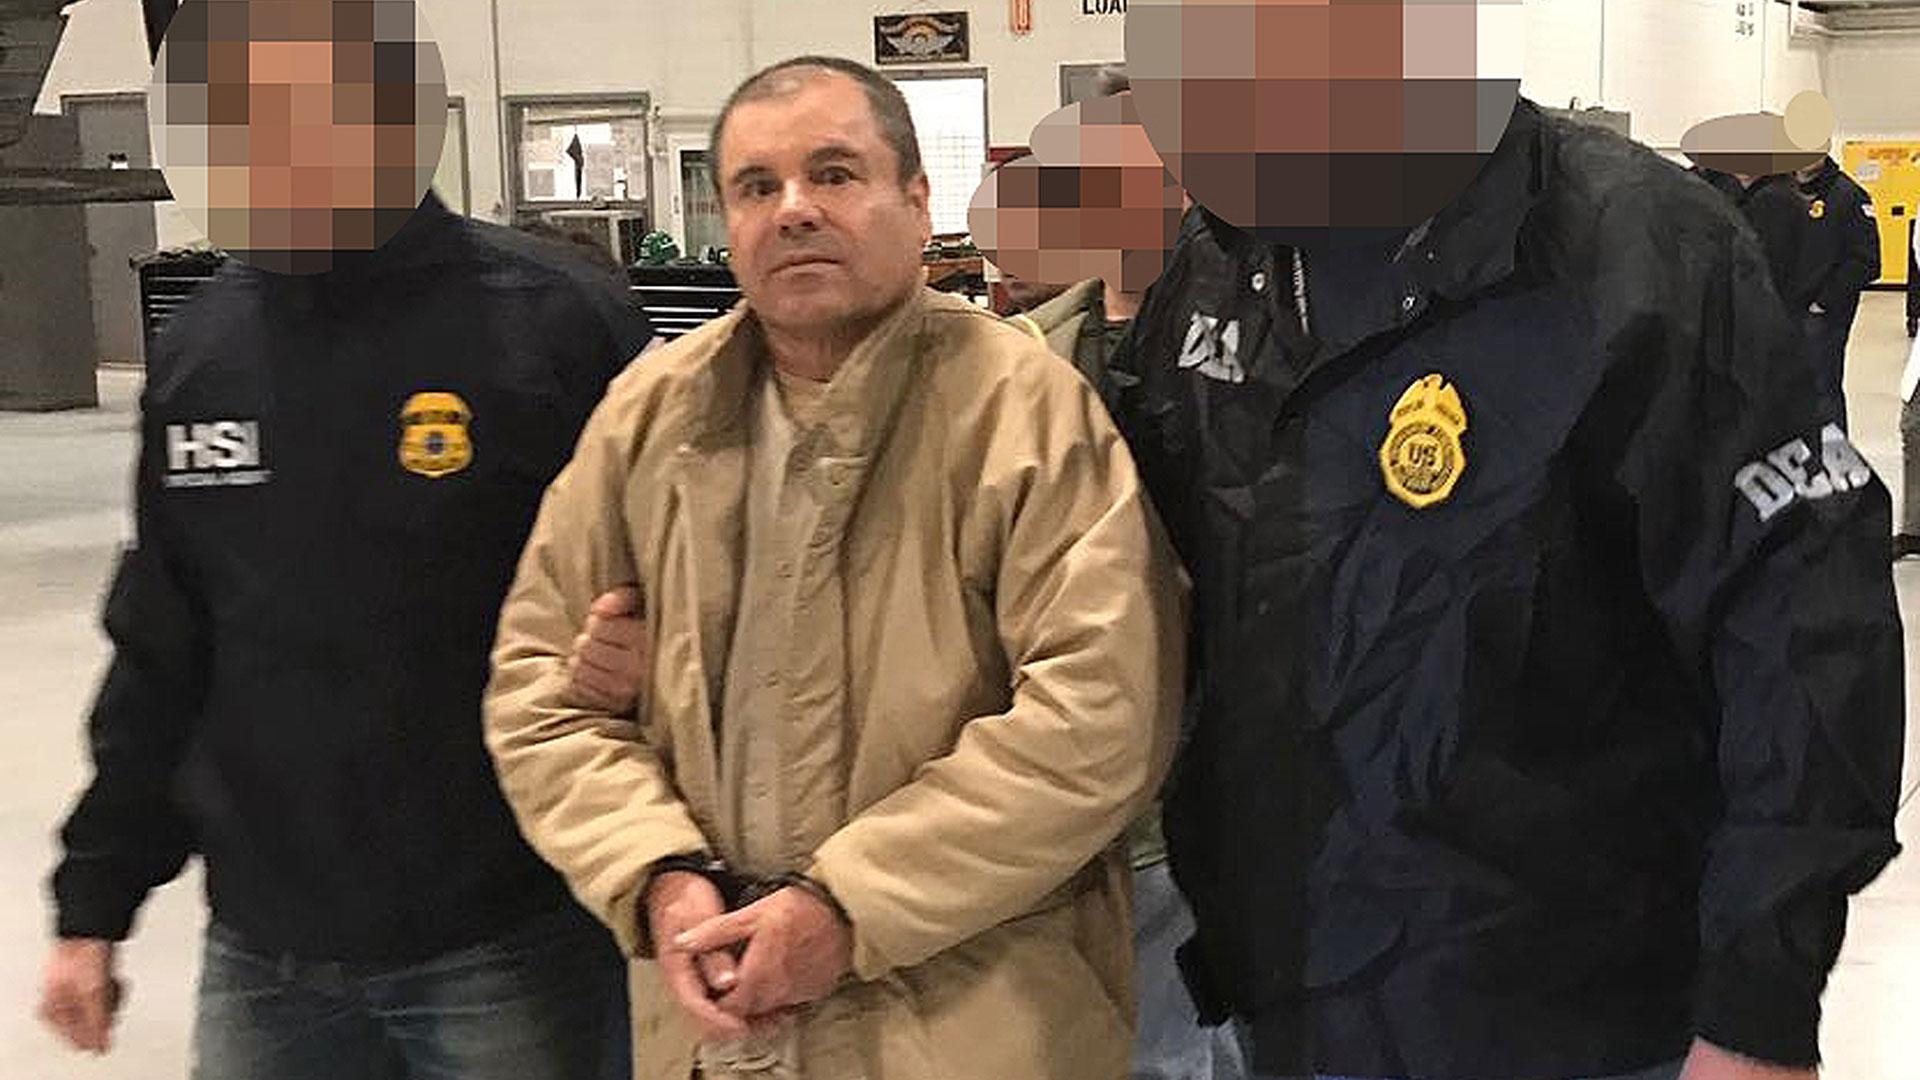 Joaquín 'Chapo' Guzmán es señalado de enviar más de 150 toneladas de cocaína a Estados Unidos, las autoridades buscan cadena perpetua. (Foto AFP)